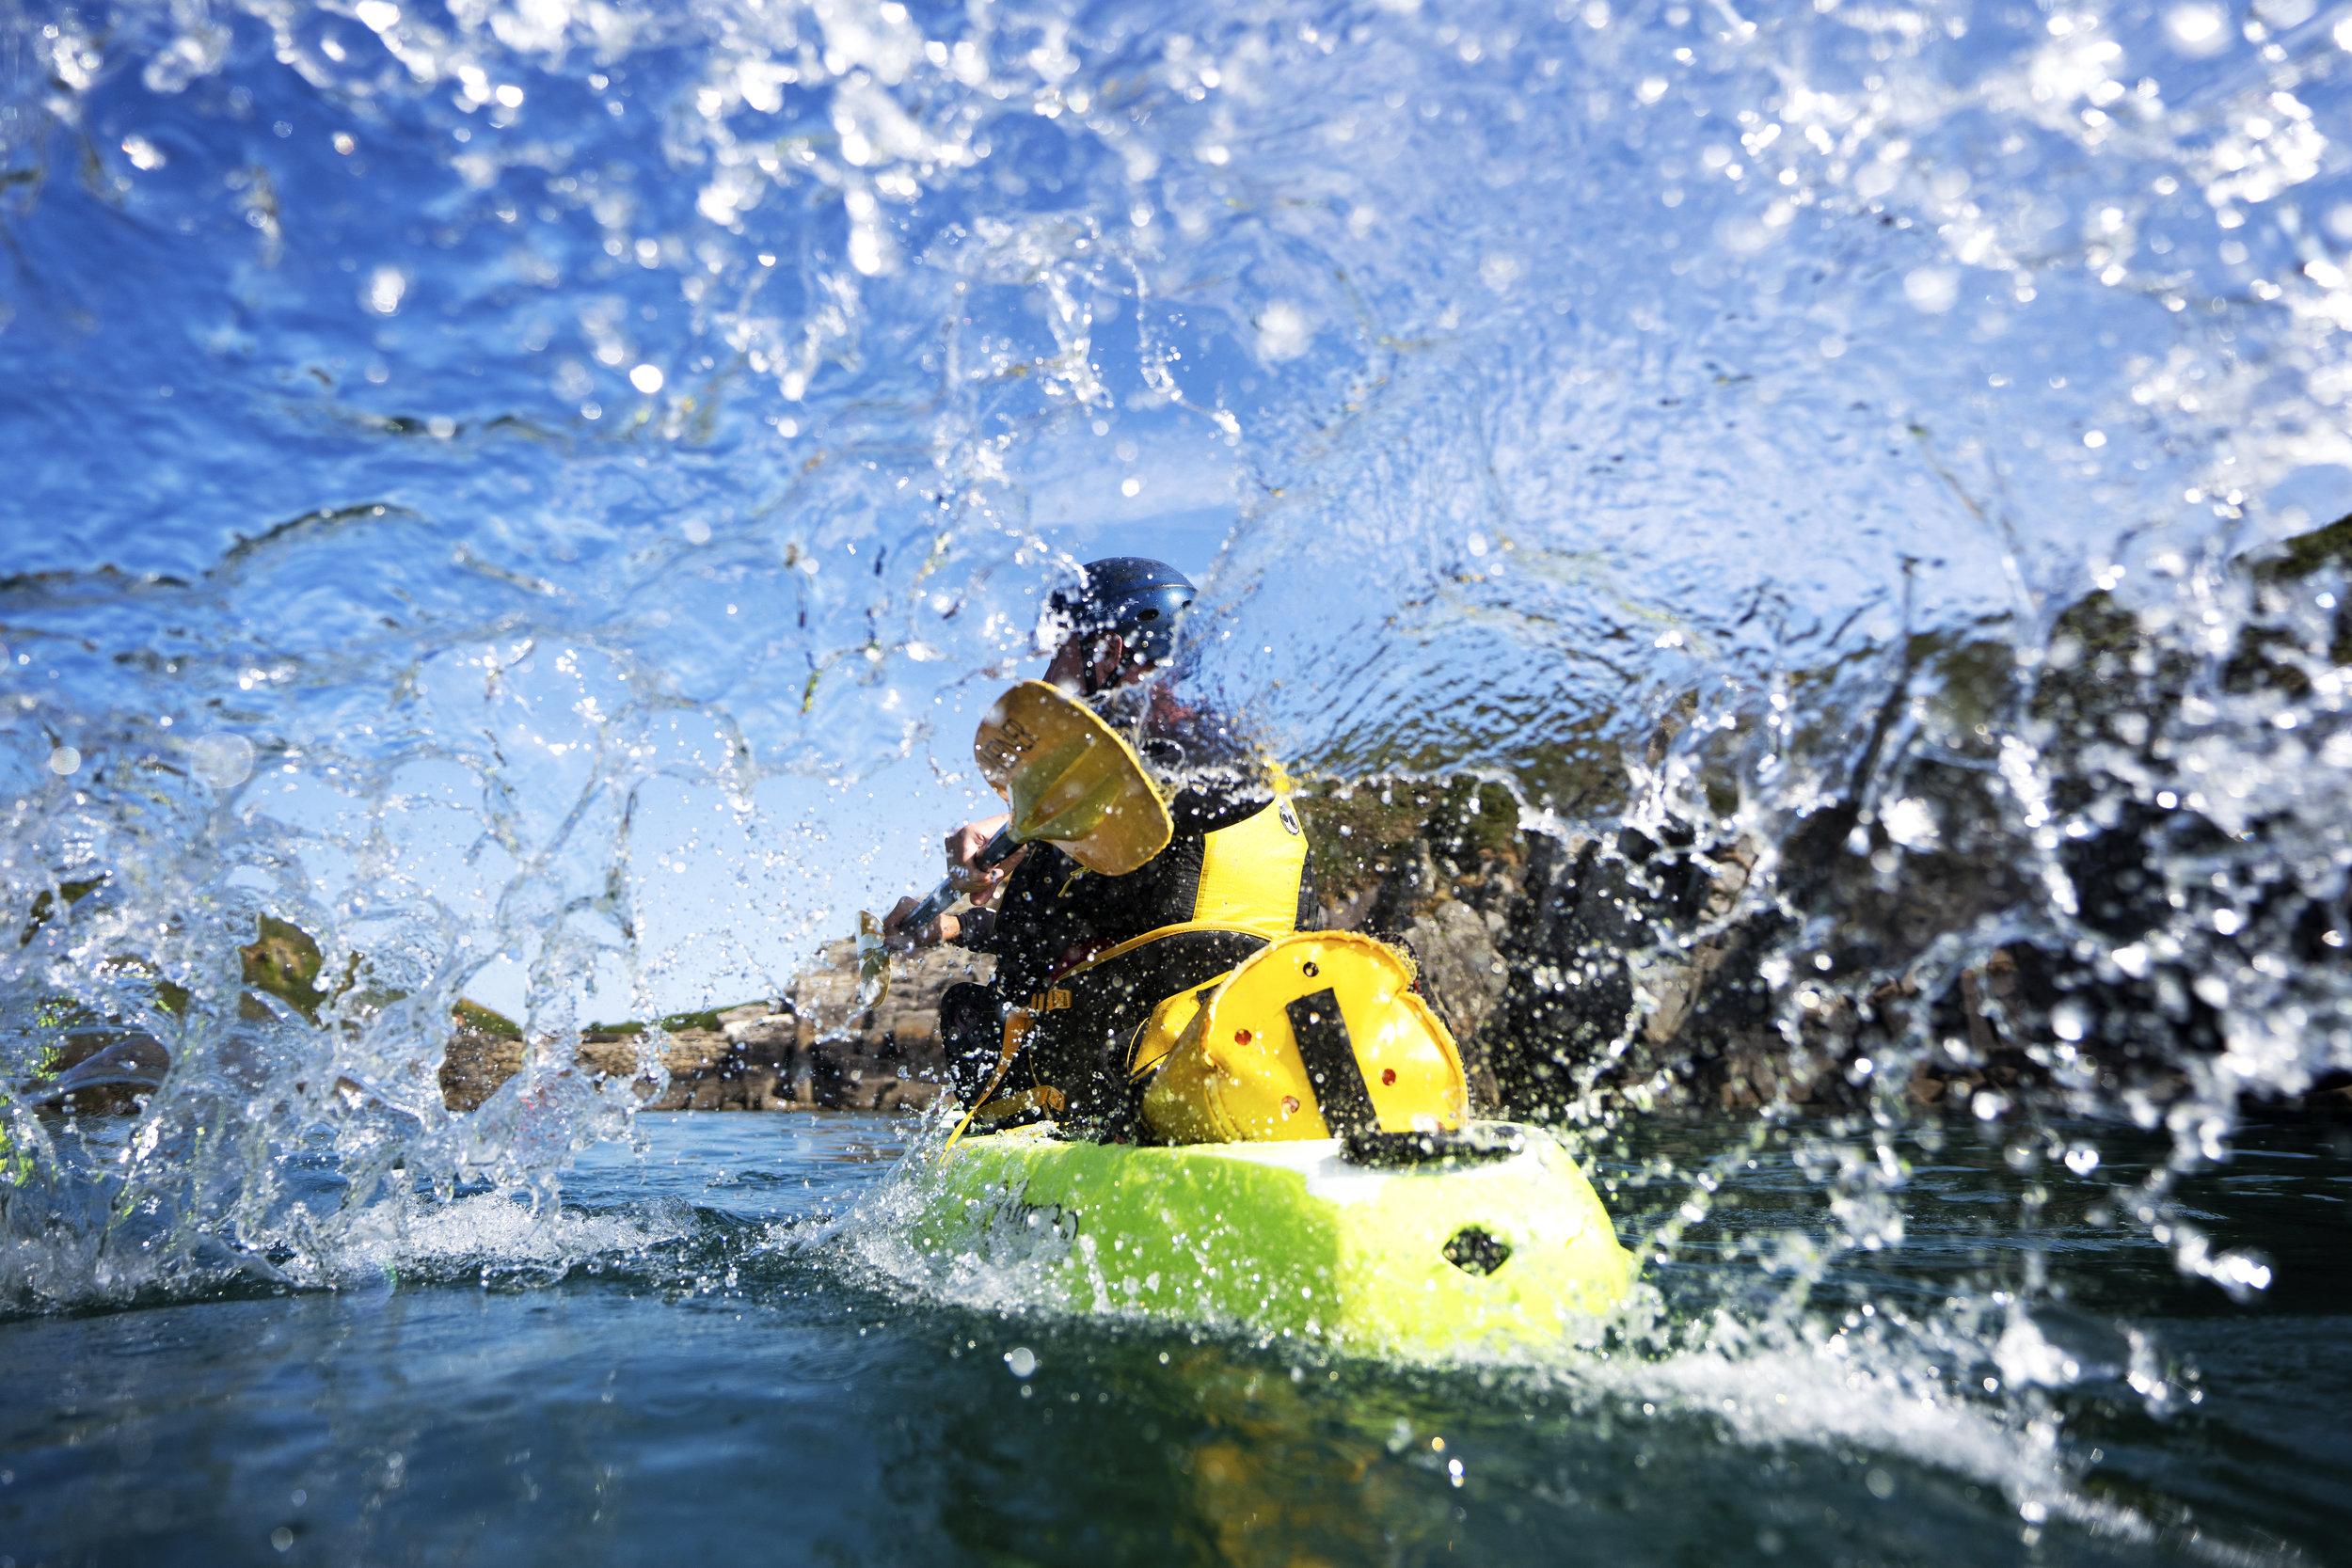 JACK ABBOTT - Porthclais - TYF - Splash - DSC06297.jpg